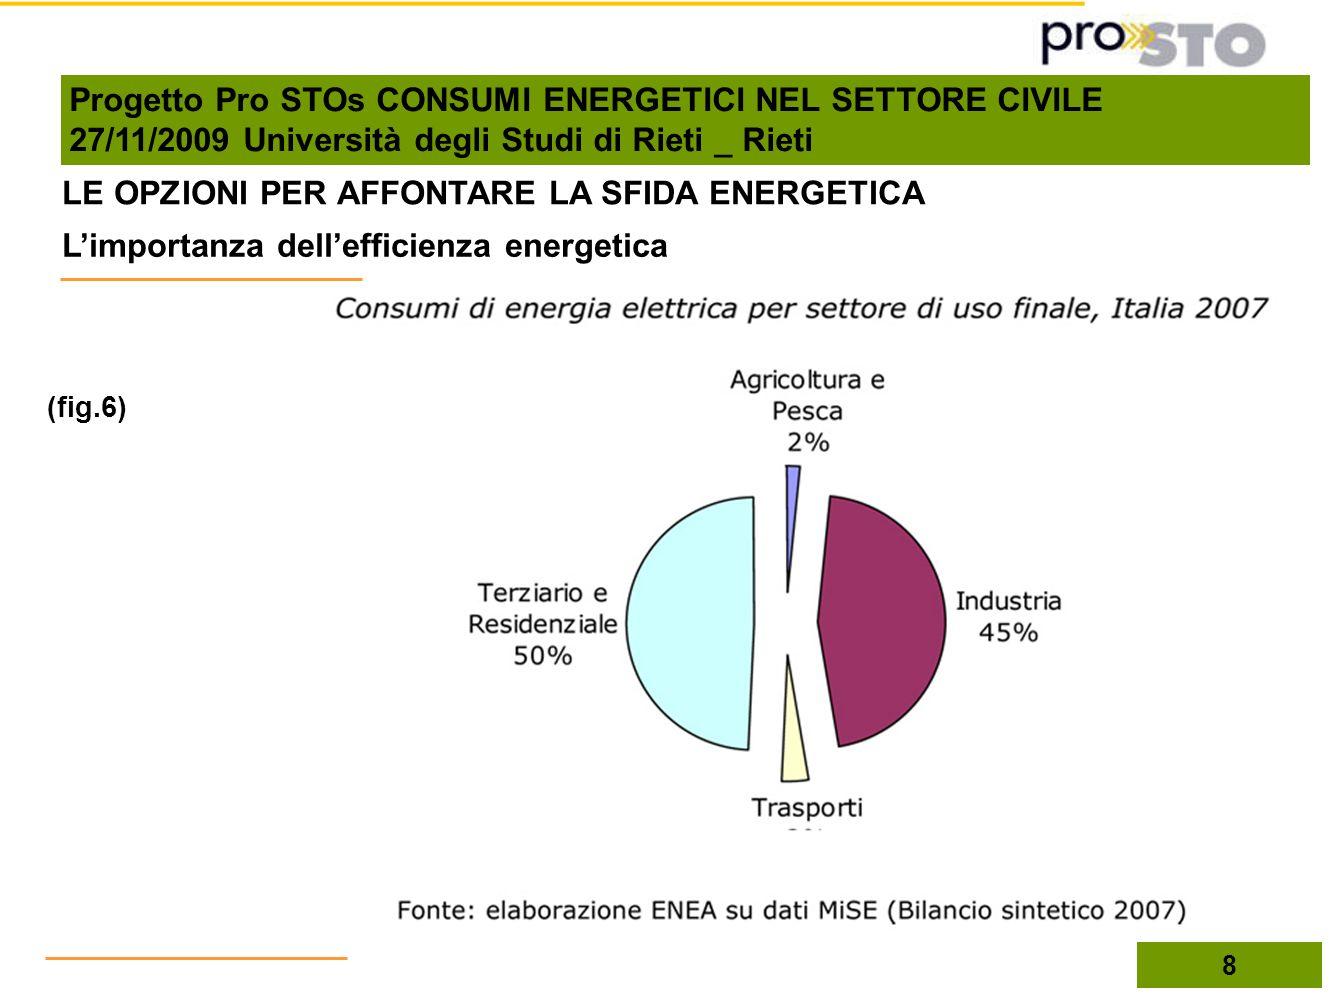 LE OPZIONI PER AFFONTARE LA SFIDA ENERGETICA (fig.6) Limportanza dellefficienza energetica 8 Progetto Pro STOs CONSUMI ENERGETICI NEL SETTORE CIVILE 2